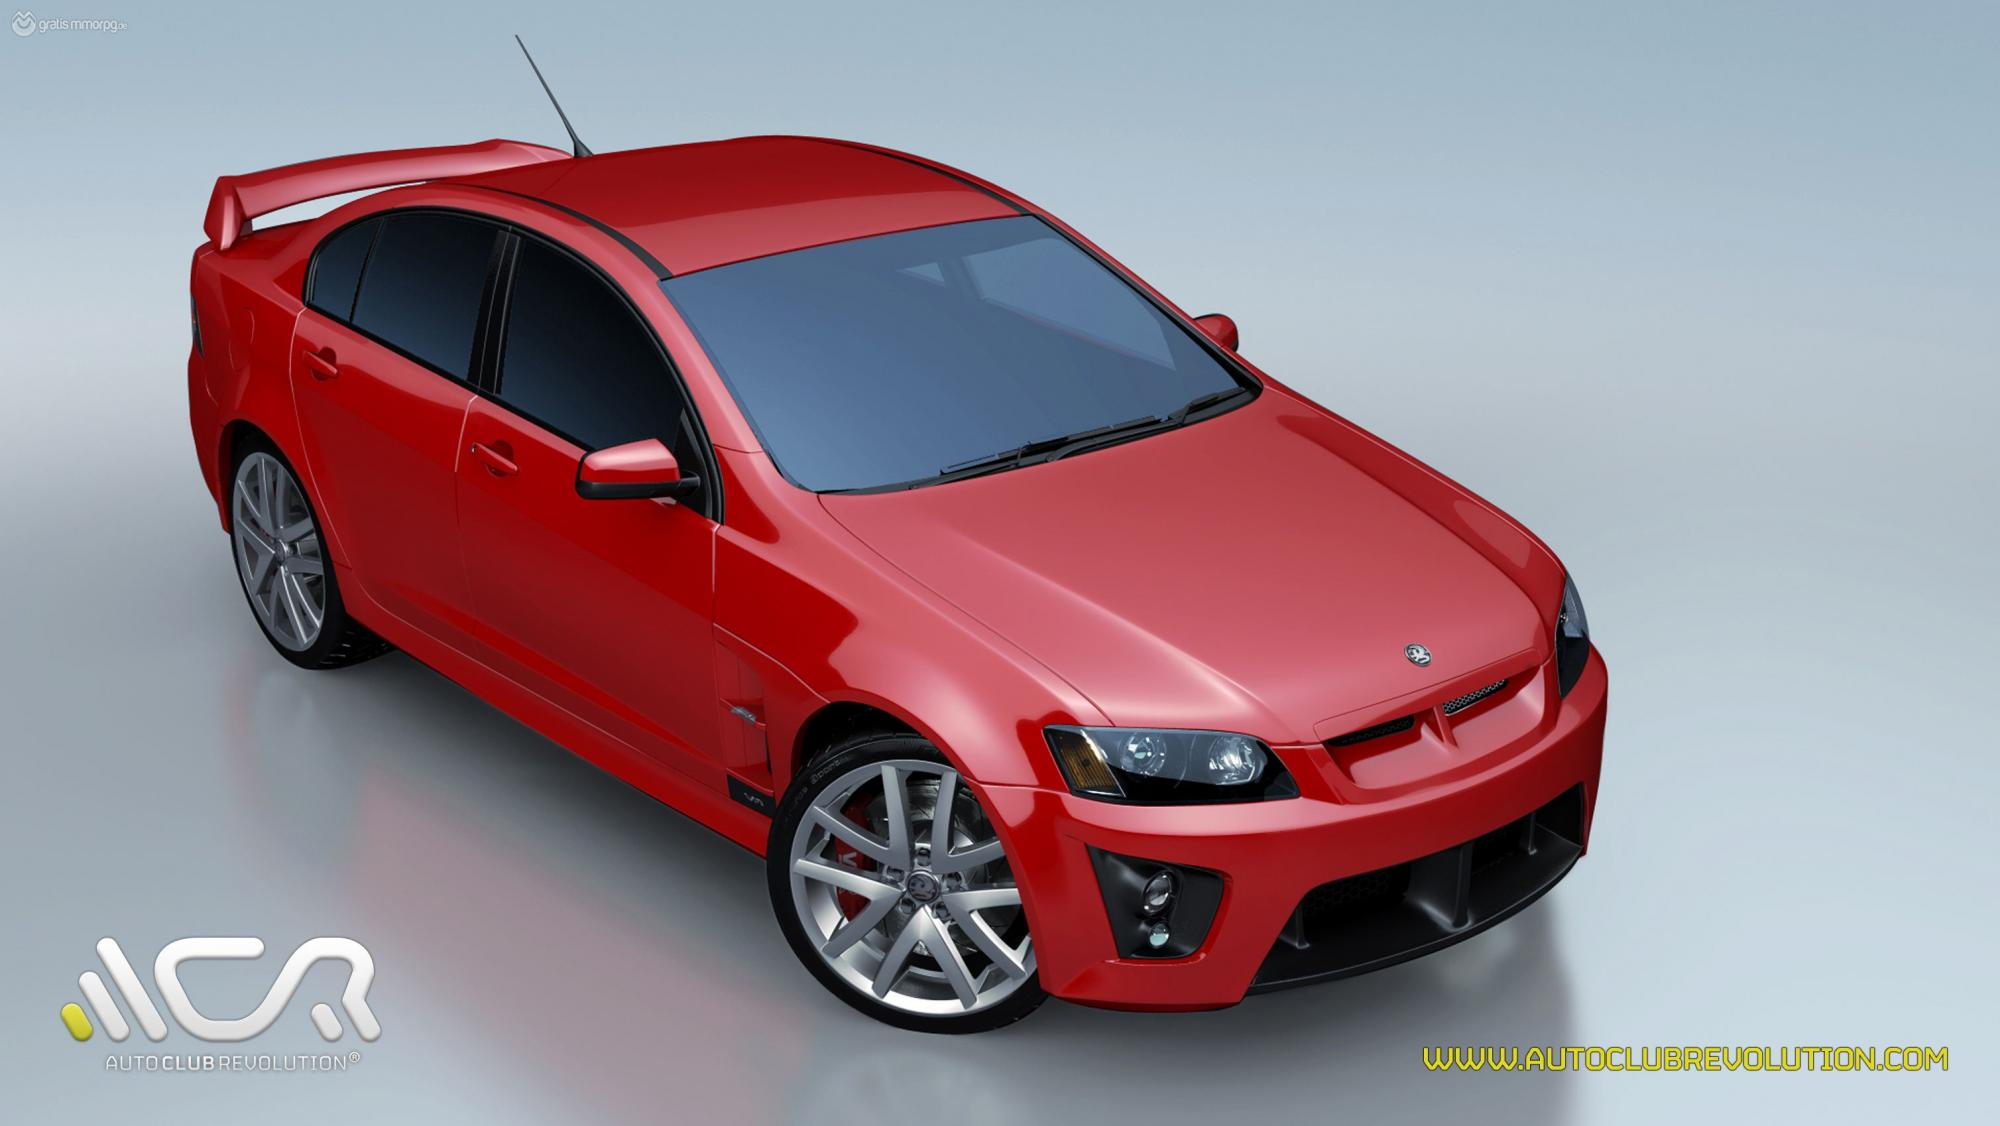 Klicke auf die Grafik für eine größere AnsichtName:ACR - Vauxhall VXR8.jpgHits:66Größe:127,2 KBID:5864